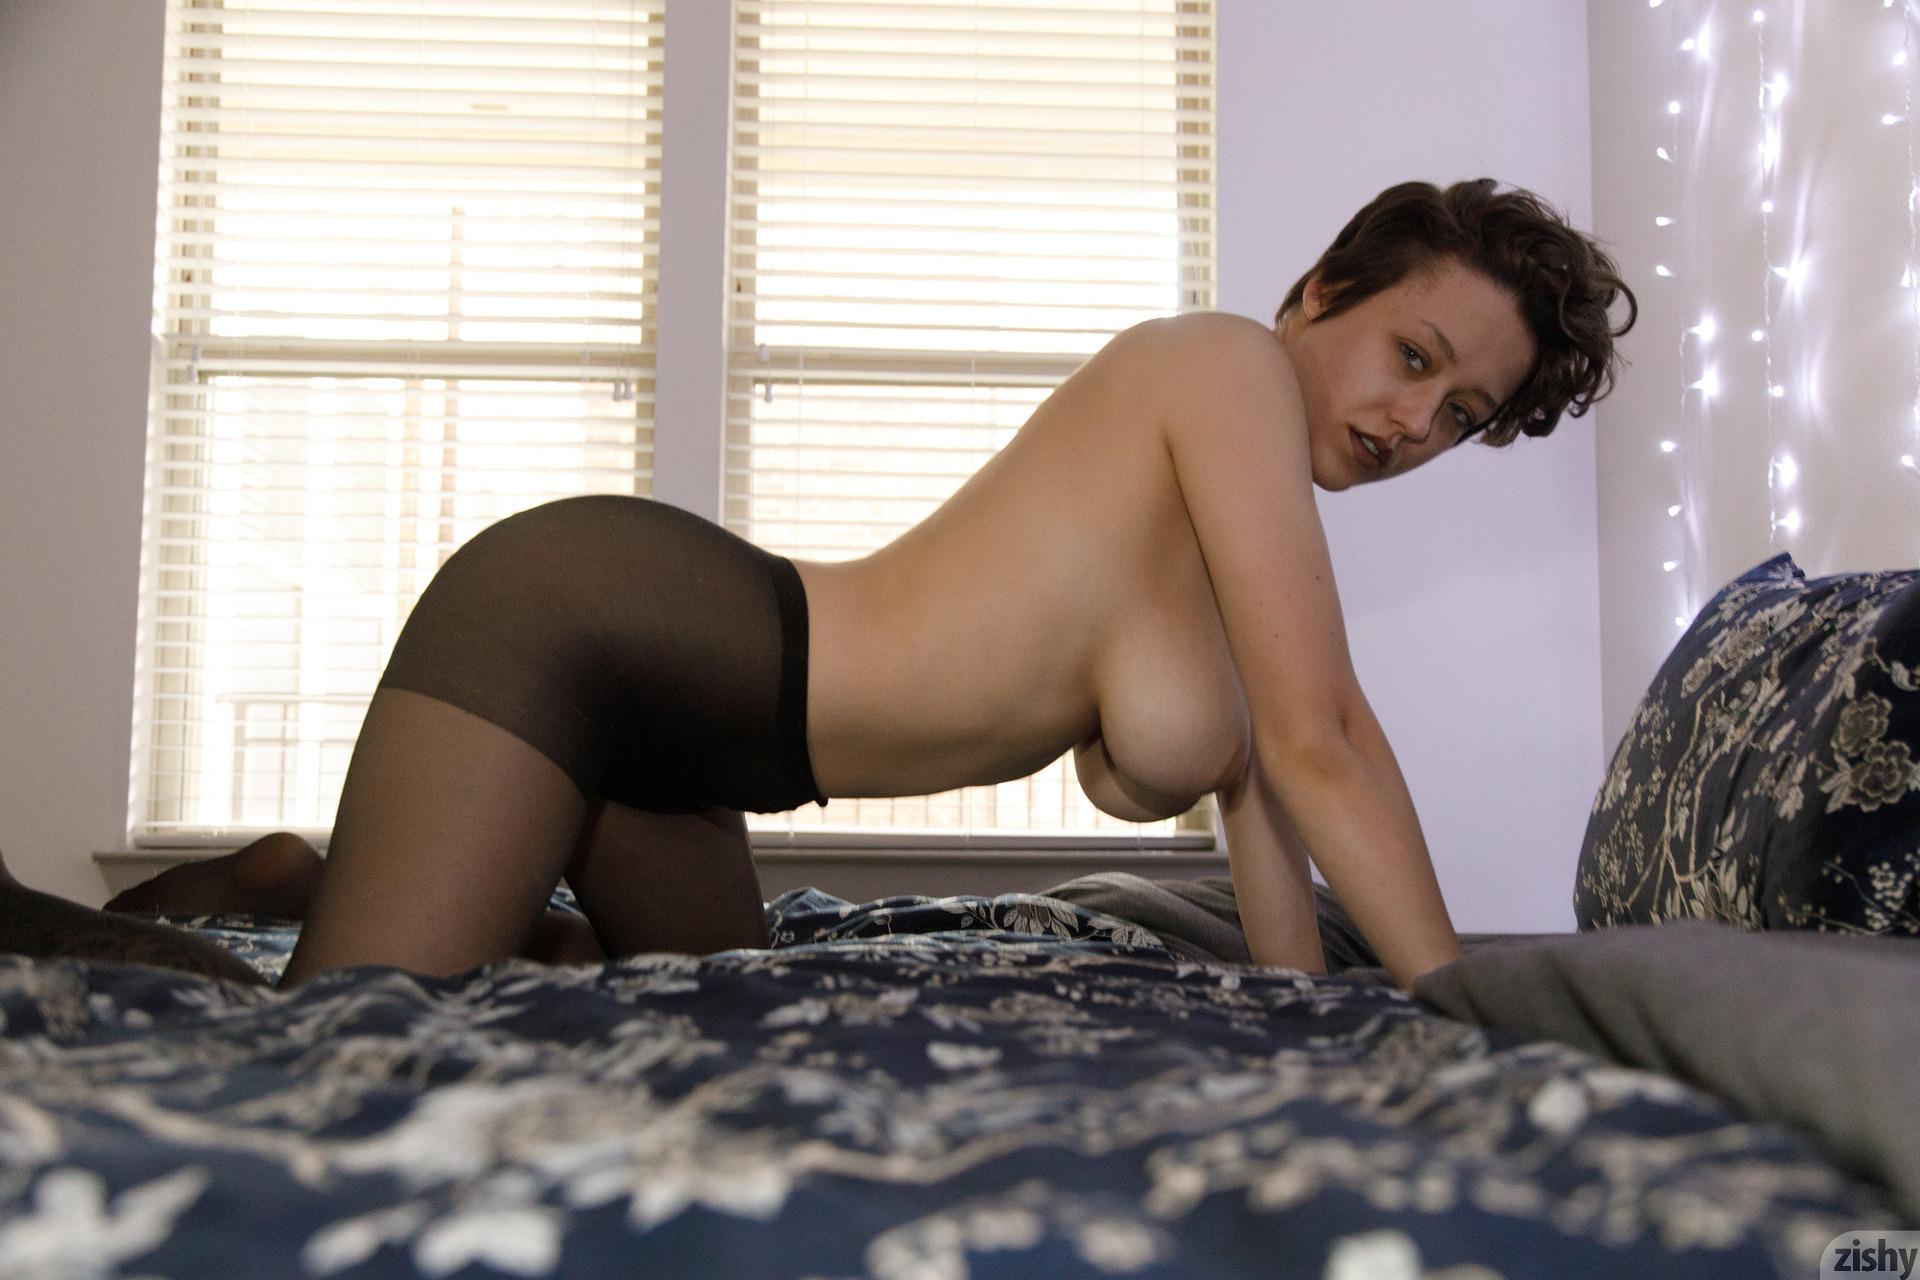 Sabrina Nichole Wigging Out Zishy (45)